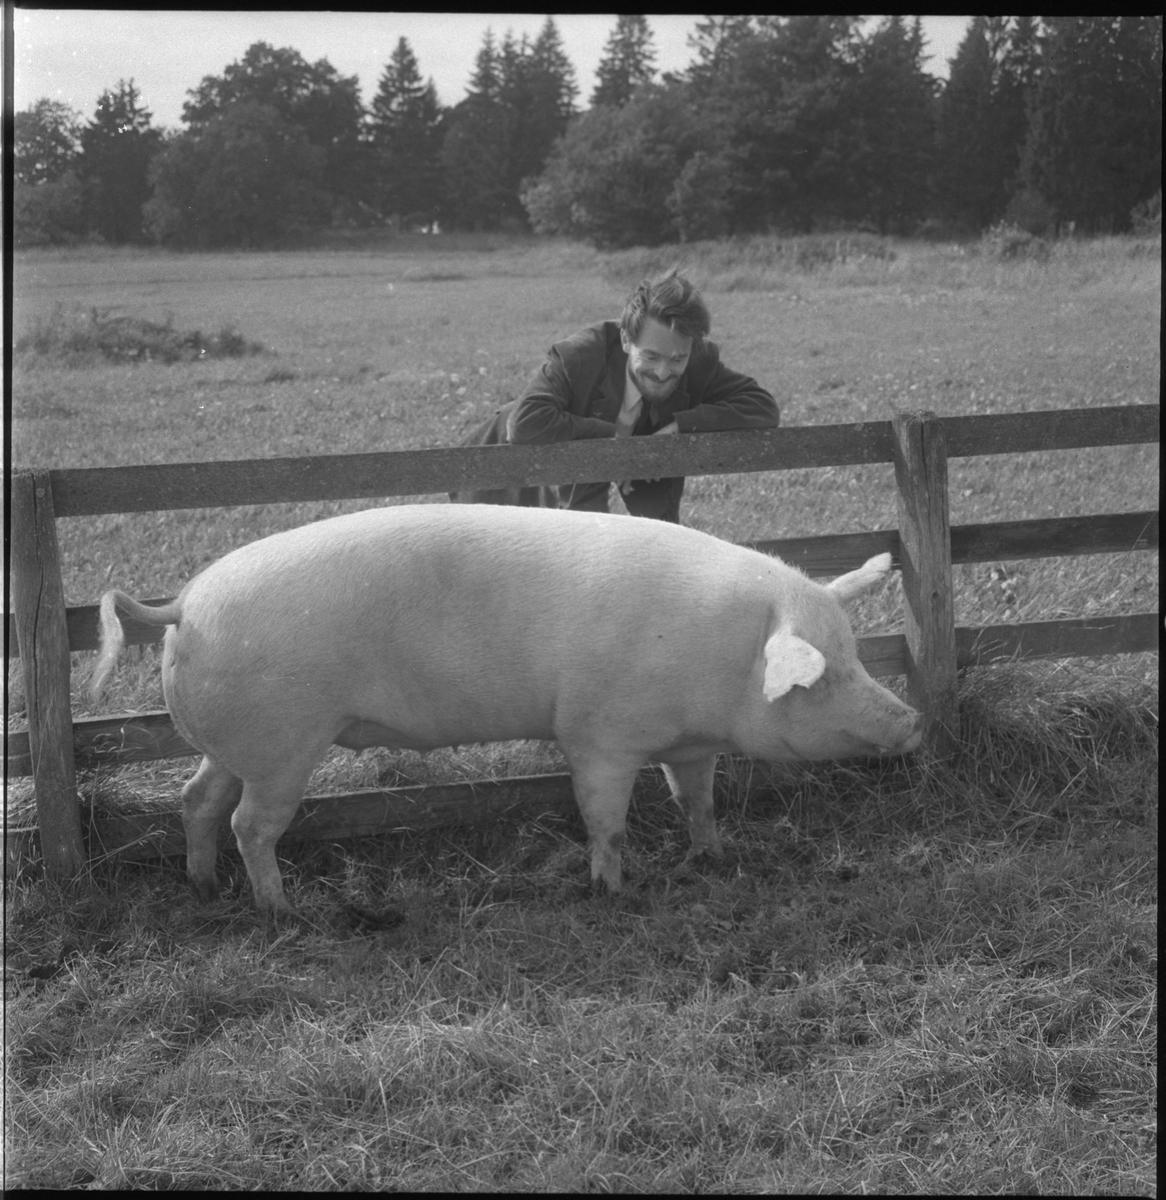 Svingården på Djurgården. Allmänreportern Lars Grönlund på tidningen Östgöten, fotograferad i samband med ett uppdrag på Djurgården. Grönlund står lutad över en inhängnad, inom vilken det står ett svin.Linköpings Djurgård var kunglig jaktmark under hundra år från 1606. Därefter utgjorde den lösningsjord för länets landshövdingar fram till dess att den övergick till militär mark. Garnisonen höll från tidigt tjugotal och in på 1970-talet en egen svingård i den nordvästligaste delen av Djurgården strax invid nuvarande Garnisonsrondellen.